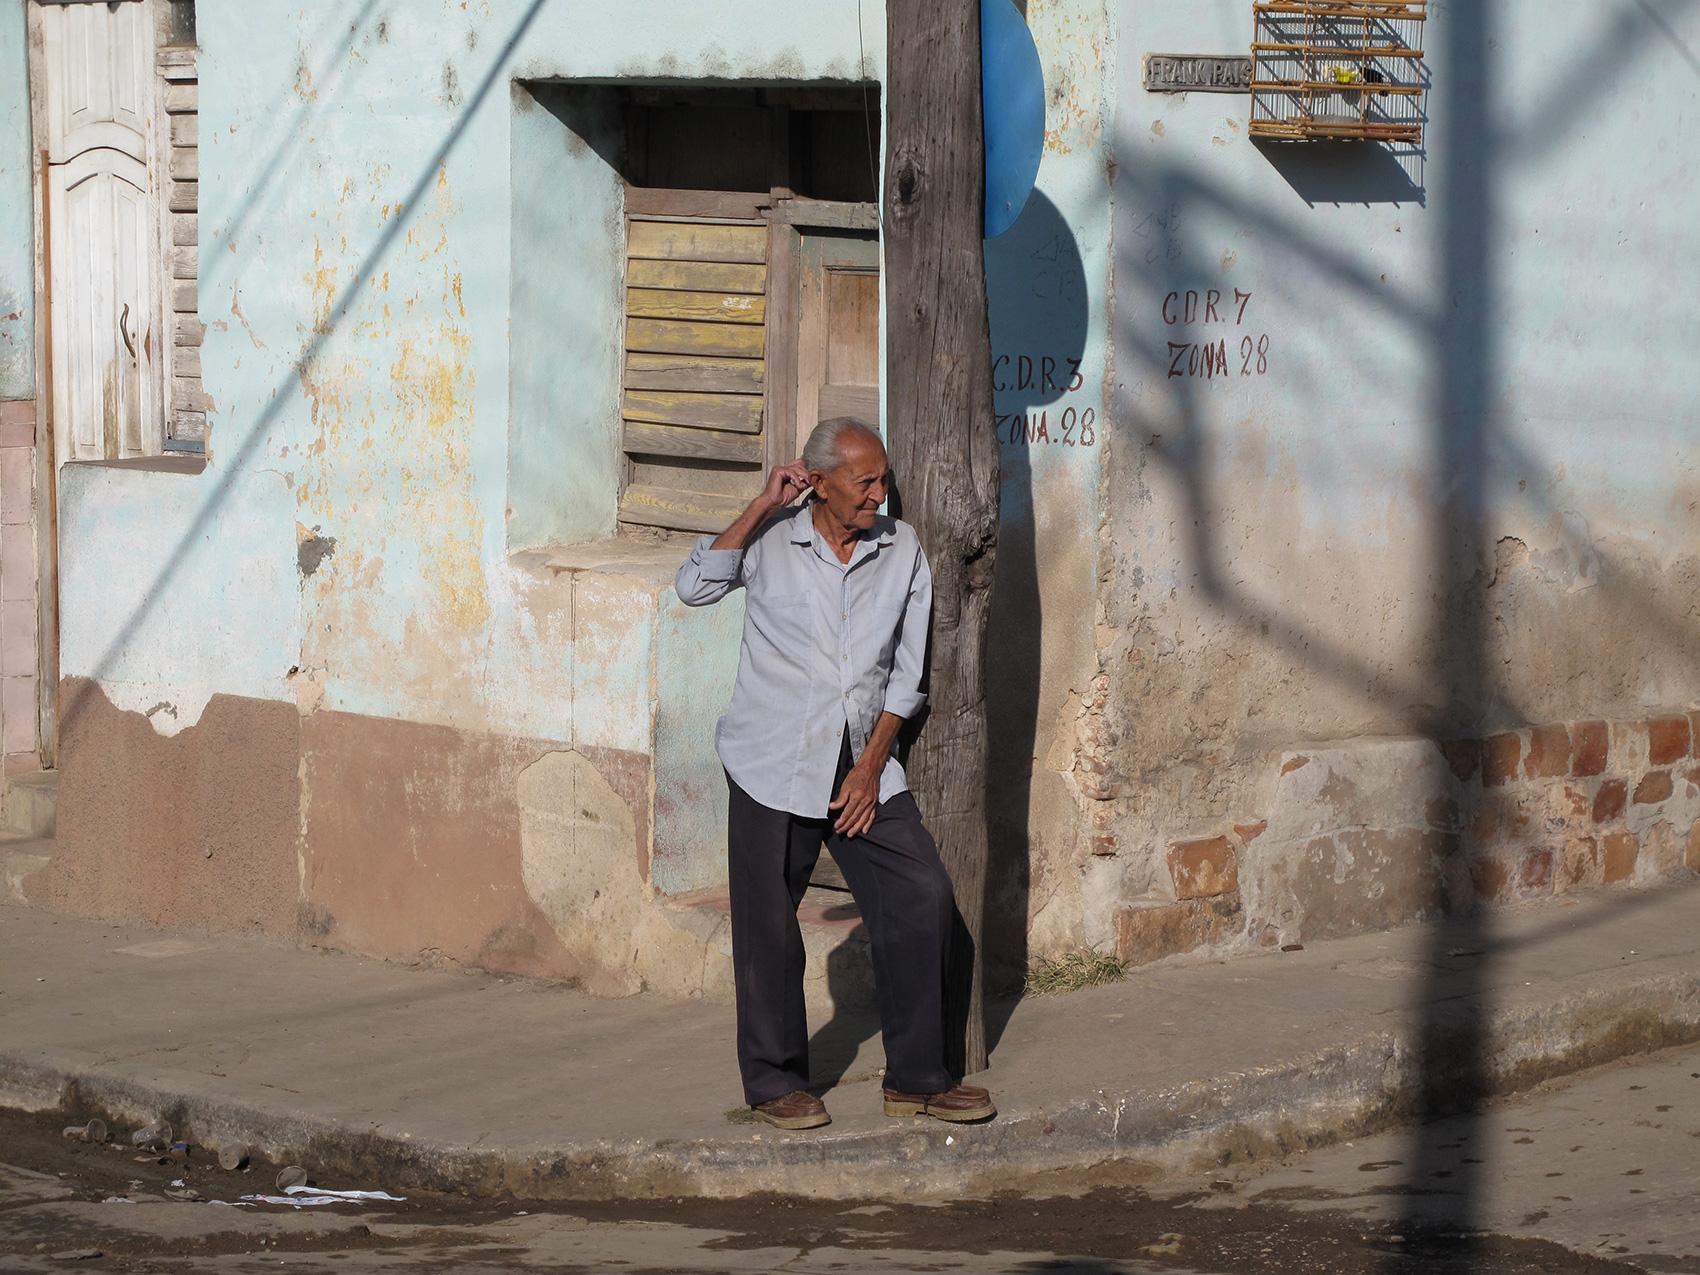 Cuba_14